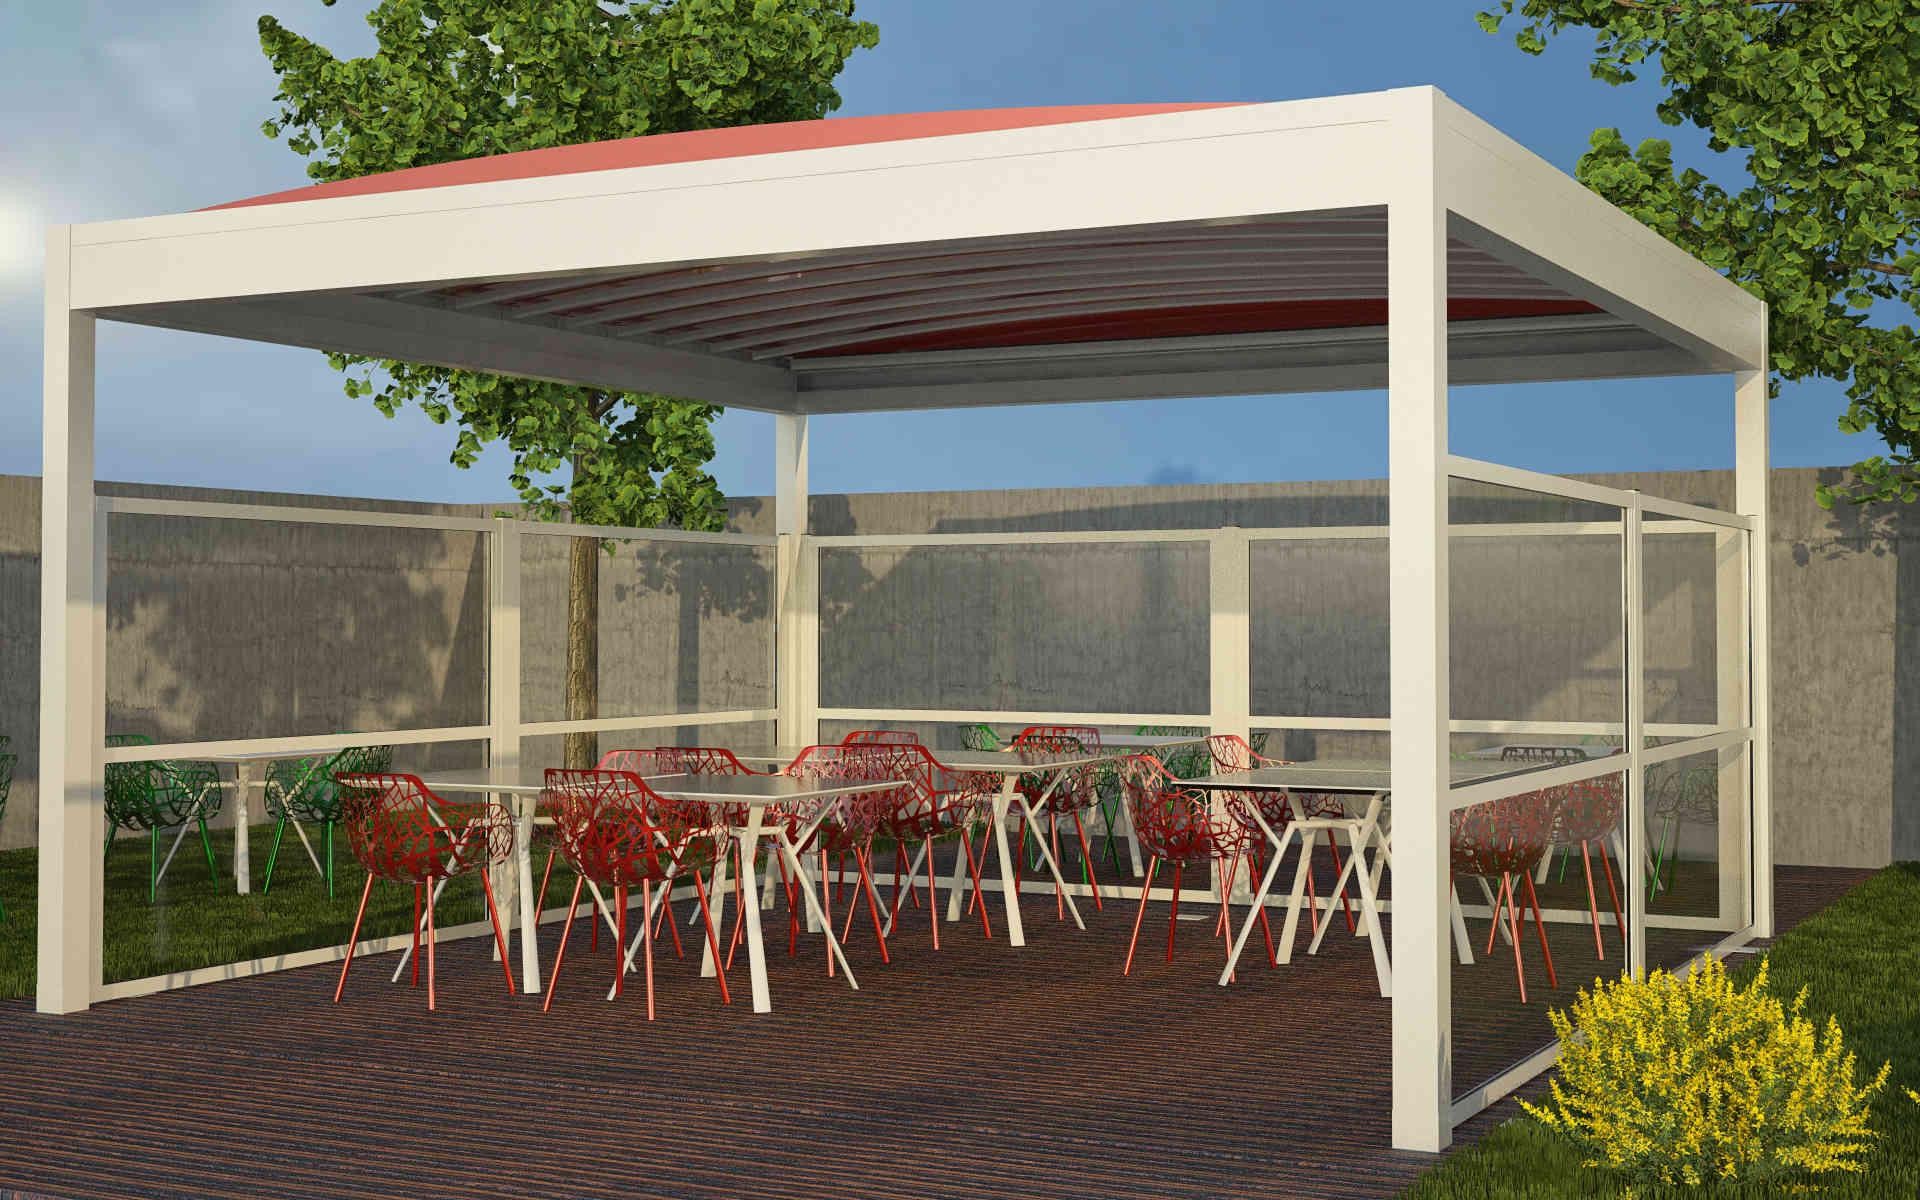 Paravento modulare per esterno in alluminio mod. NEWTEC VISION con pannello vetrato antiinfortunistico - Stameat srl - Produzione ed installazione - Bologna